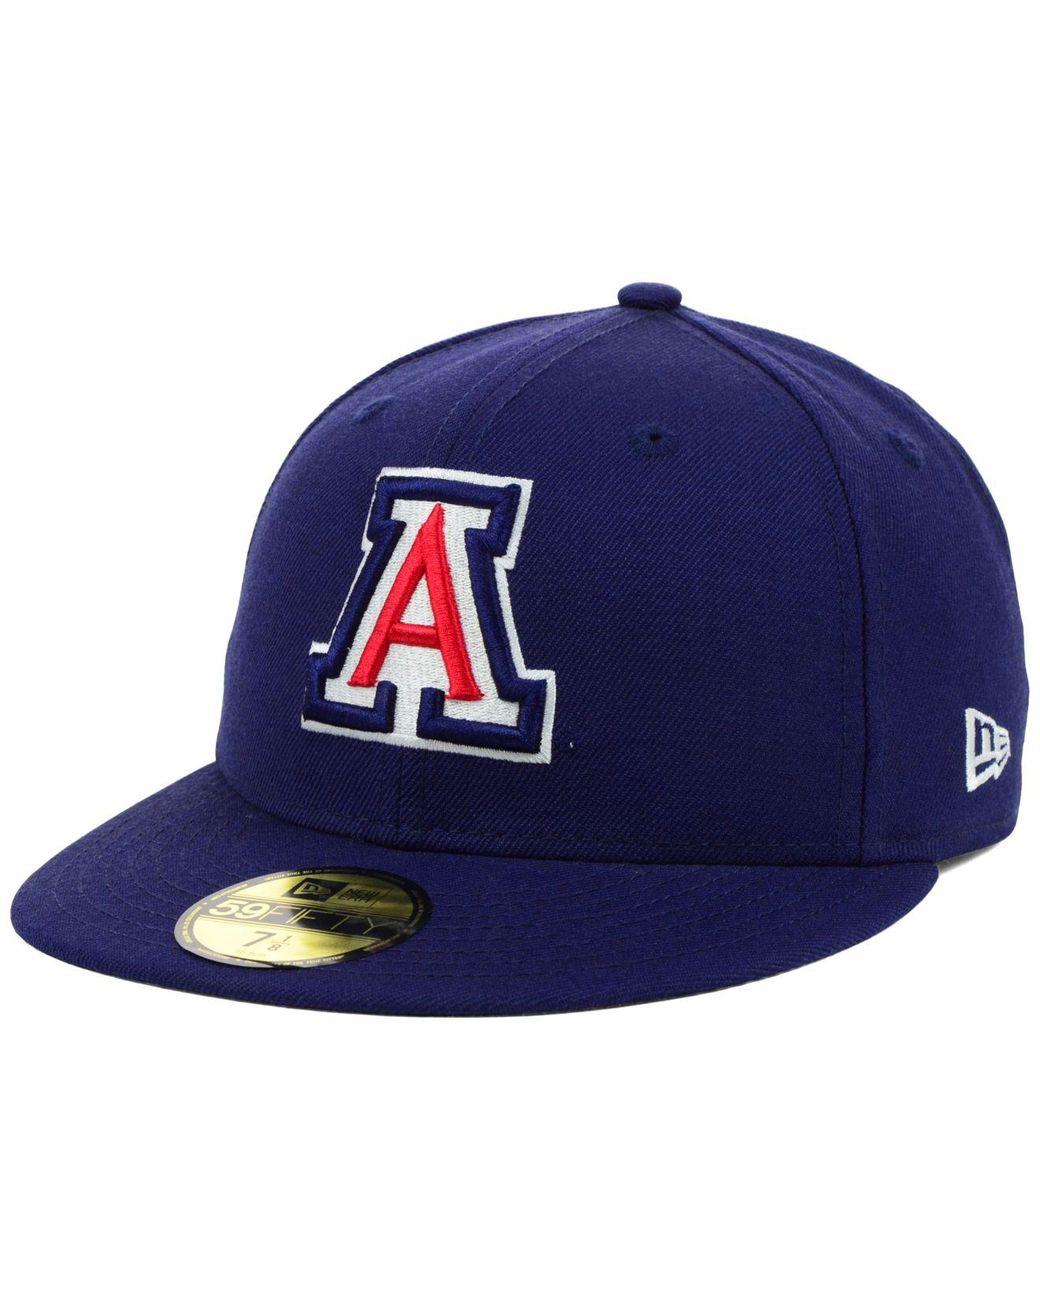 big sale 51a2a 8e8d0 KTZ Arizona Wildcats Ac 59fifty Cap in Blue for Men - Lyst